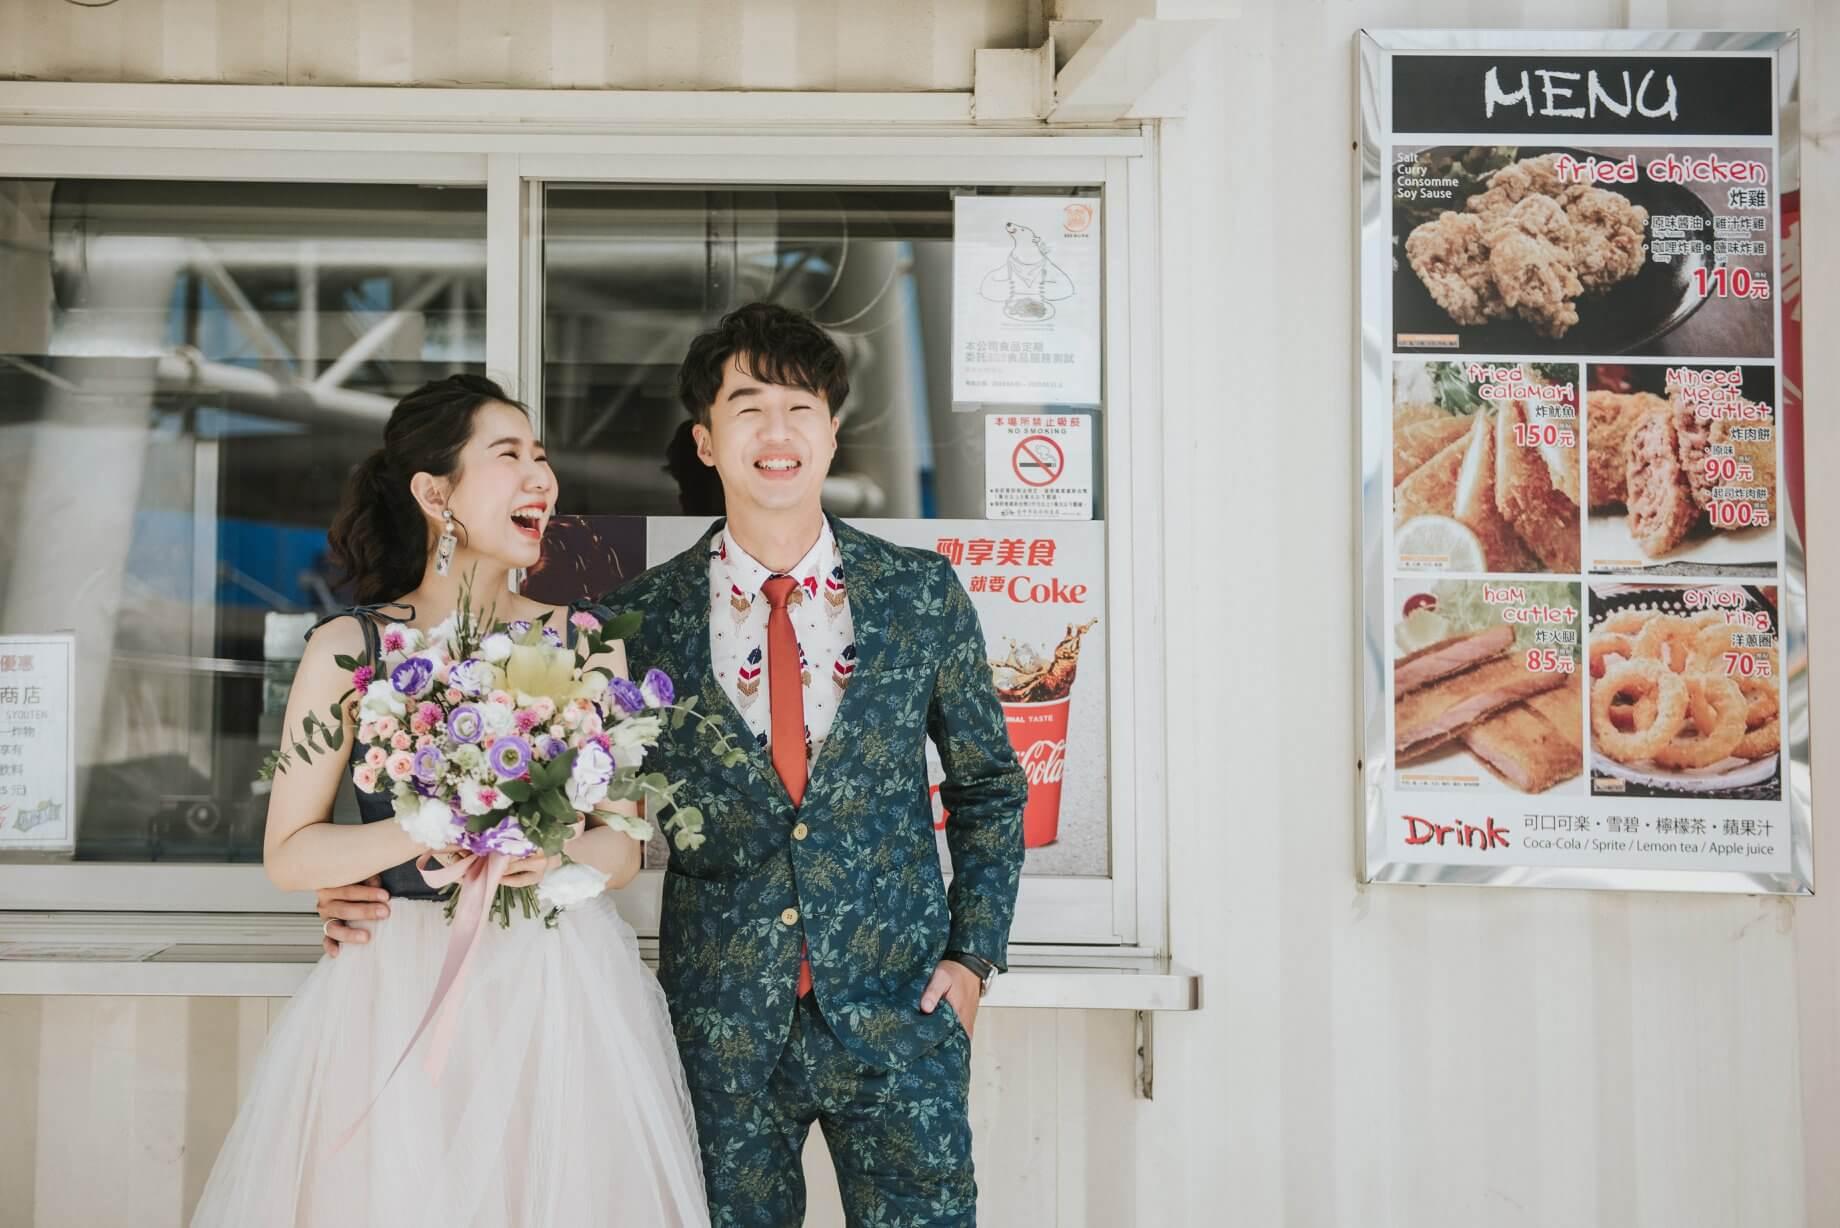 HUimages 胡哥視覺影像 / KEN & BI 婚紗照分享